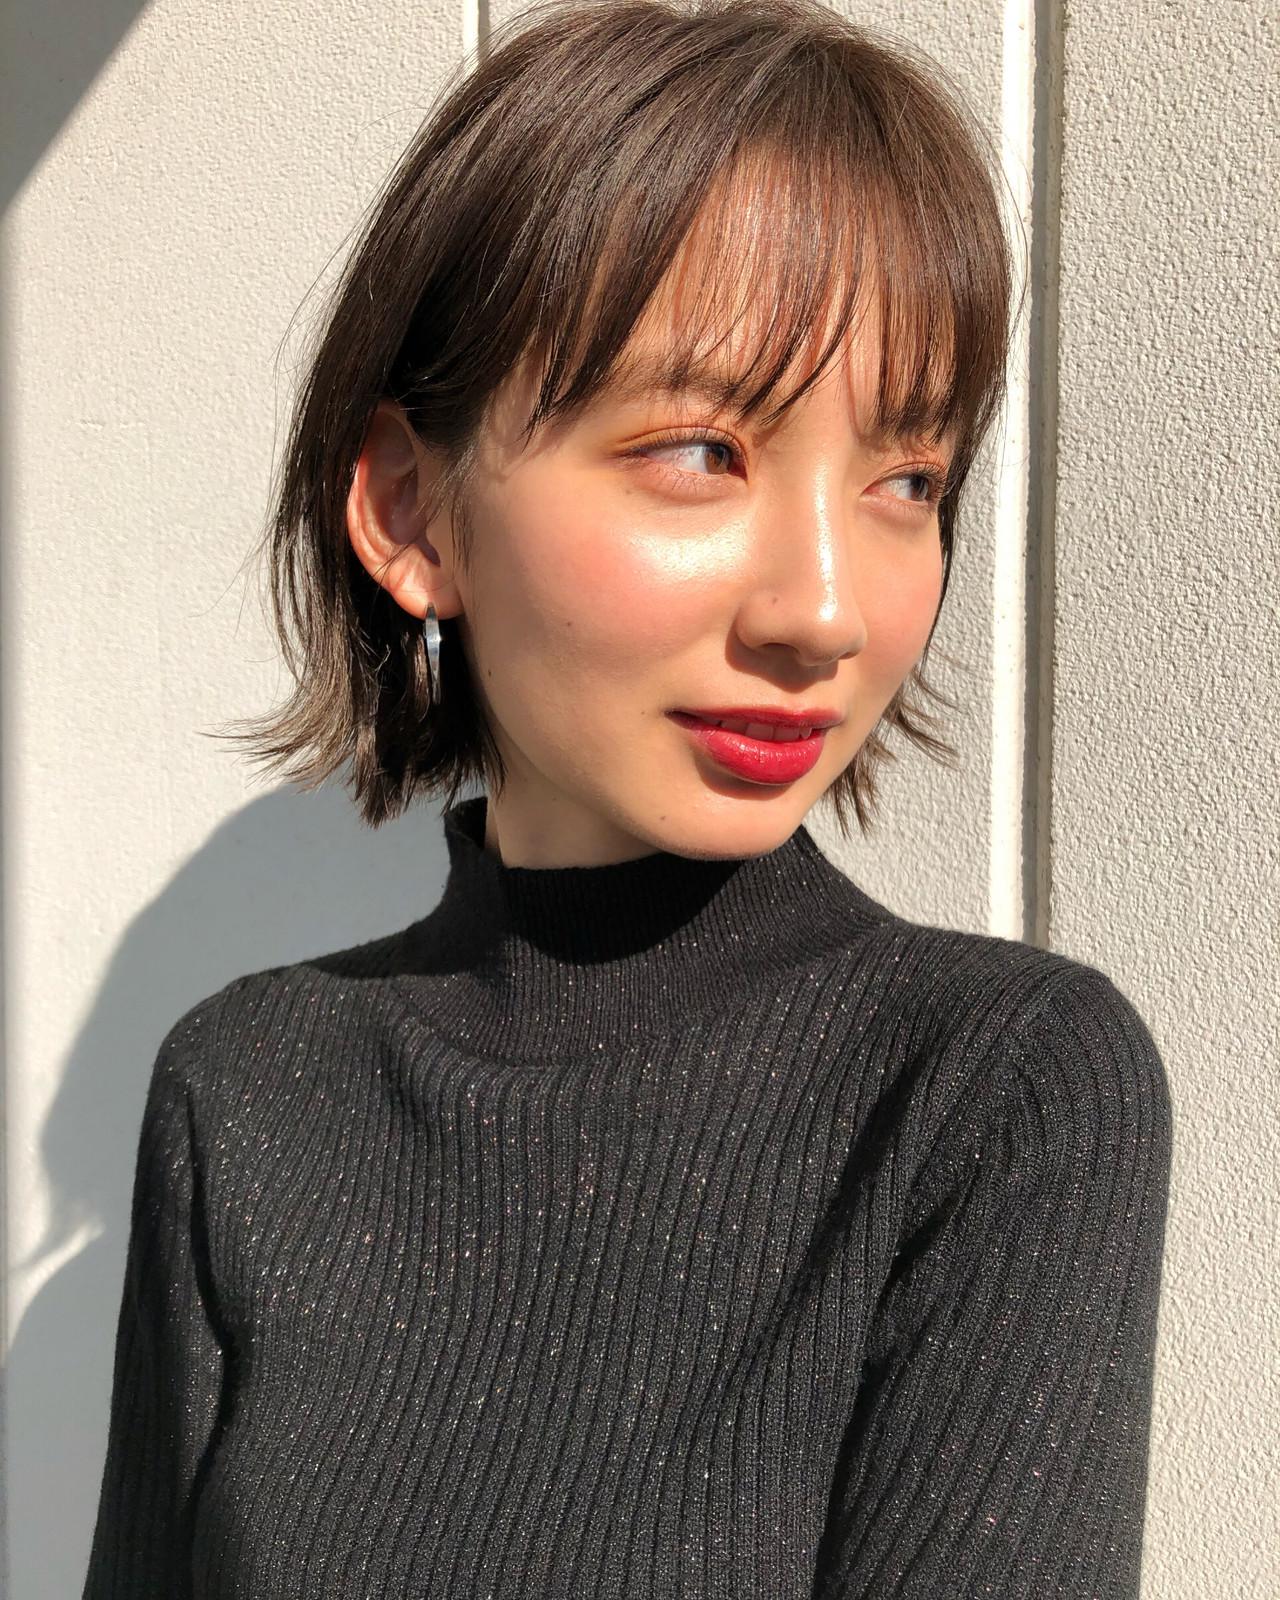 シースルーバング ボブ 前髪 ミニボブ ヘアスタイルや髪型の写真・画像 | 鈴木ゆうすけ / GARDEN  harajuku